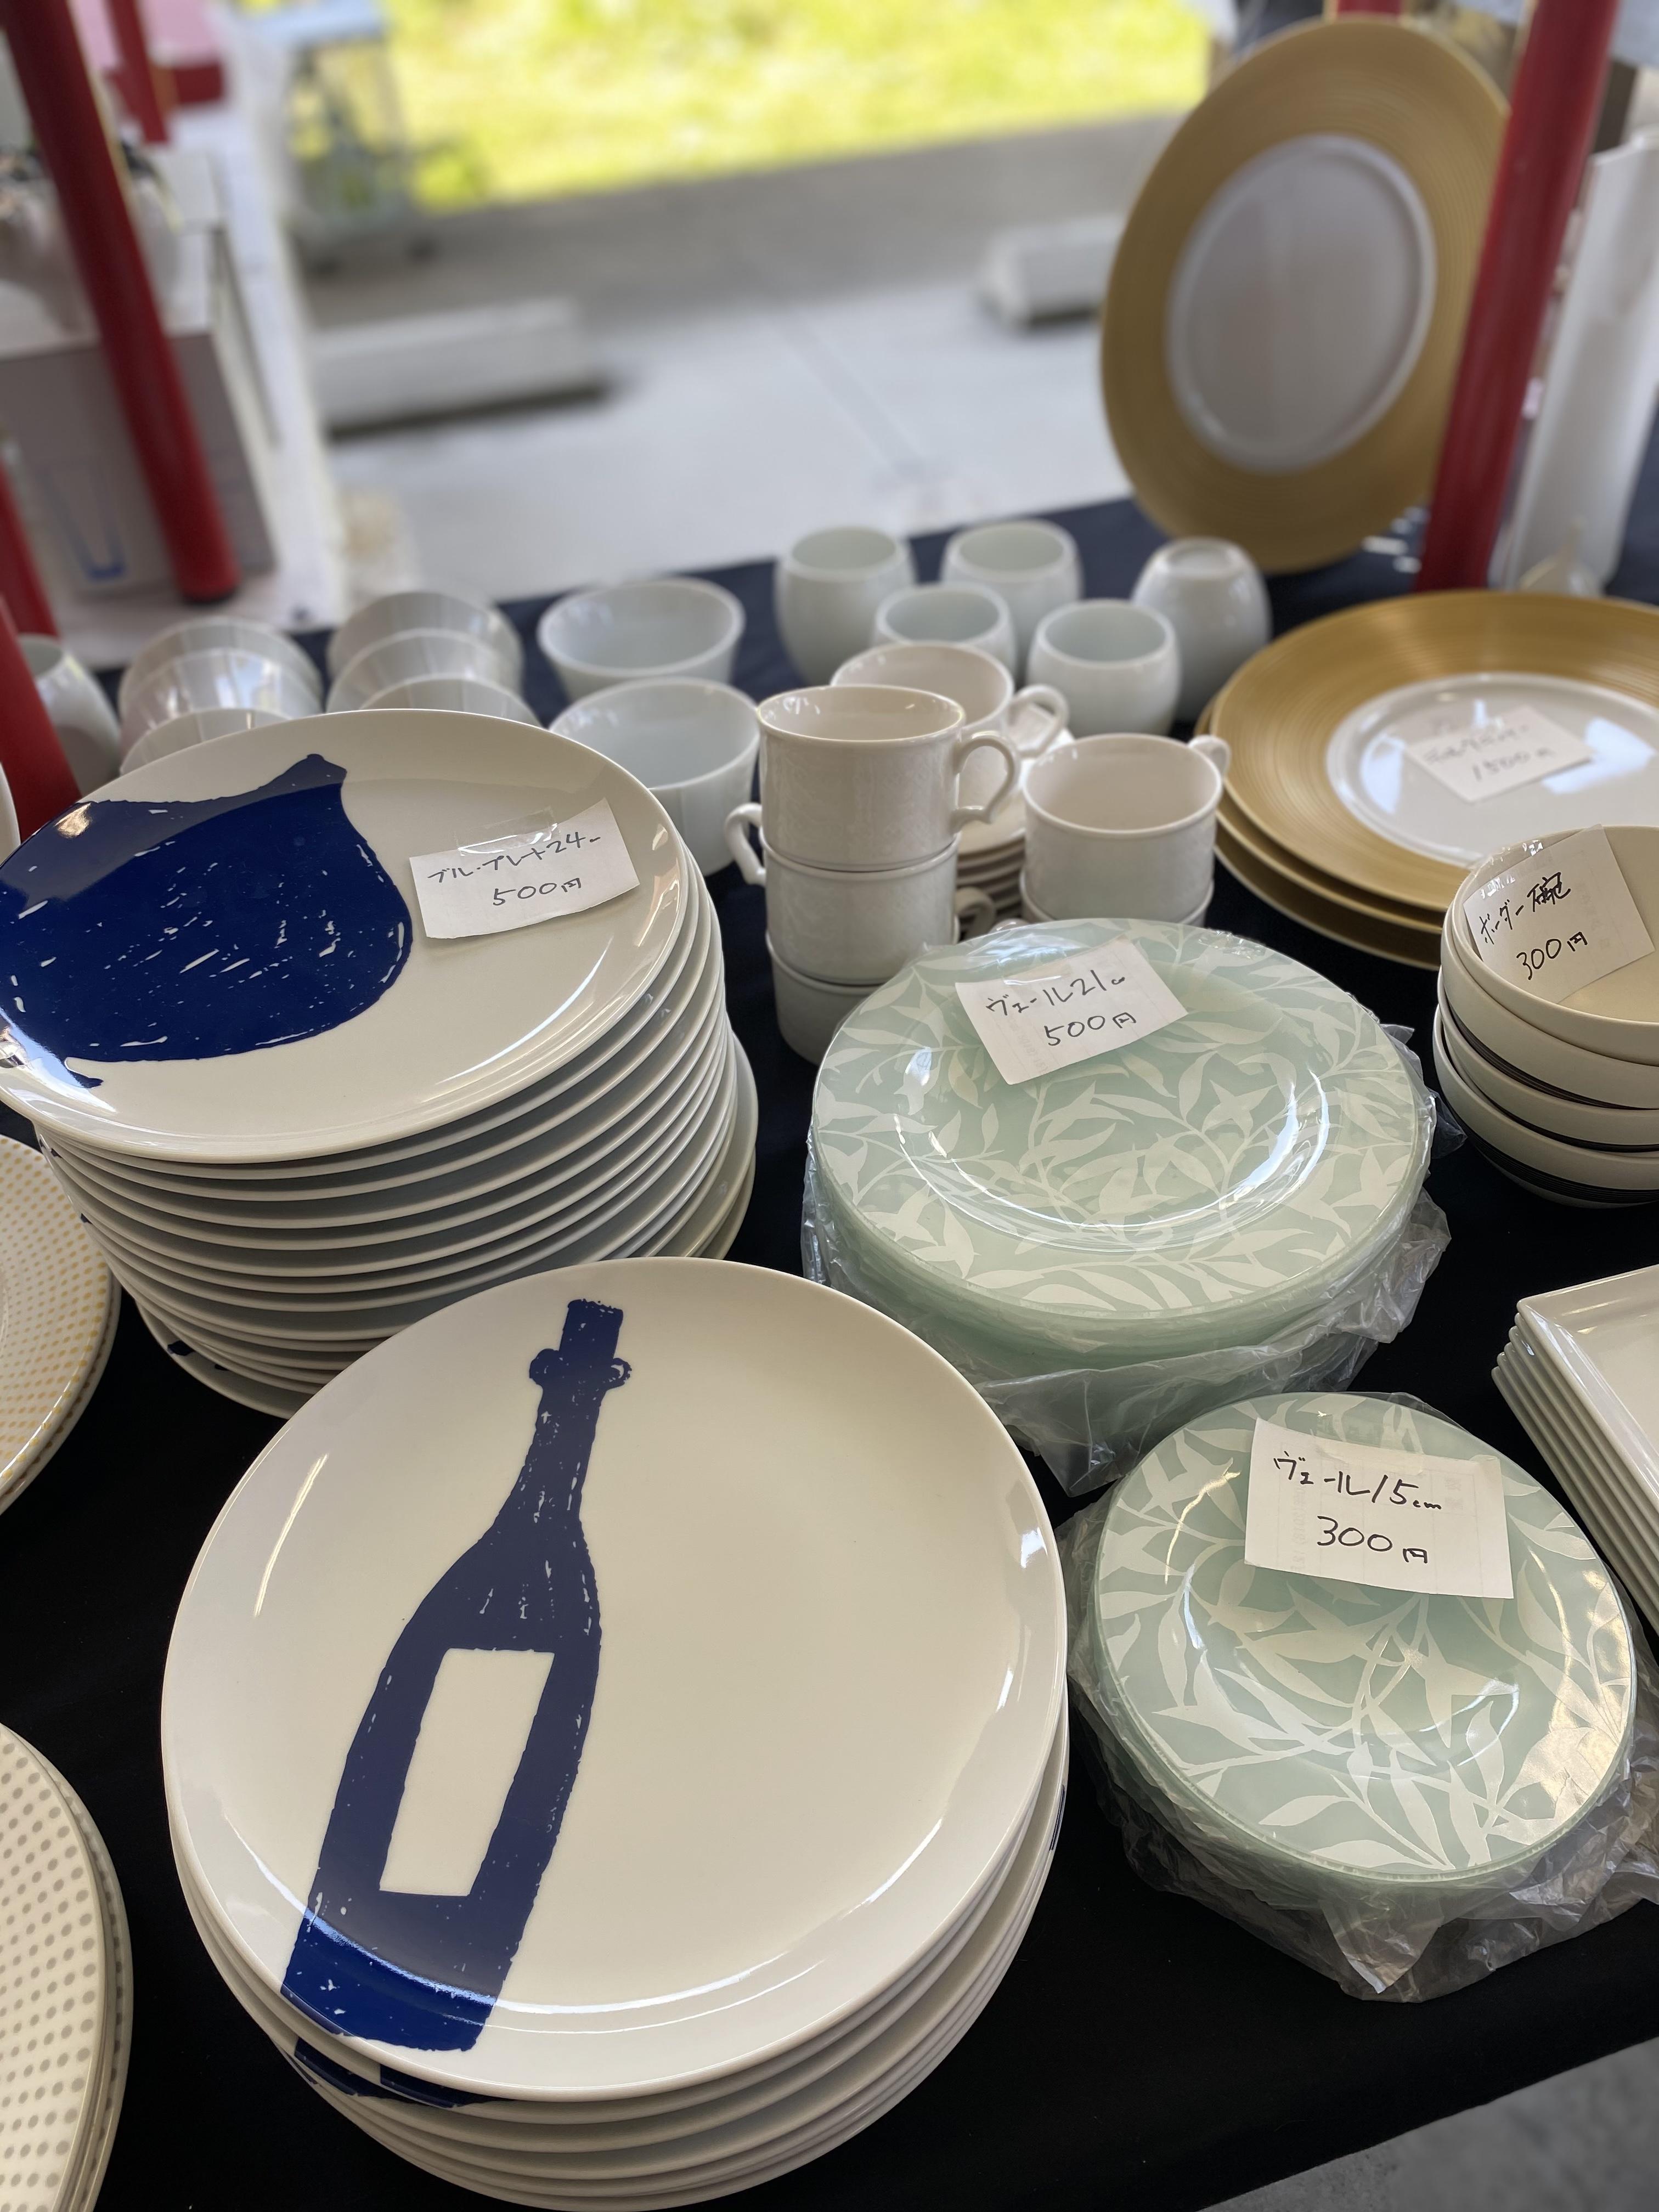 春の多治見陶器祭り〜オンライン市開催中